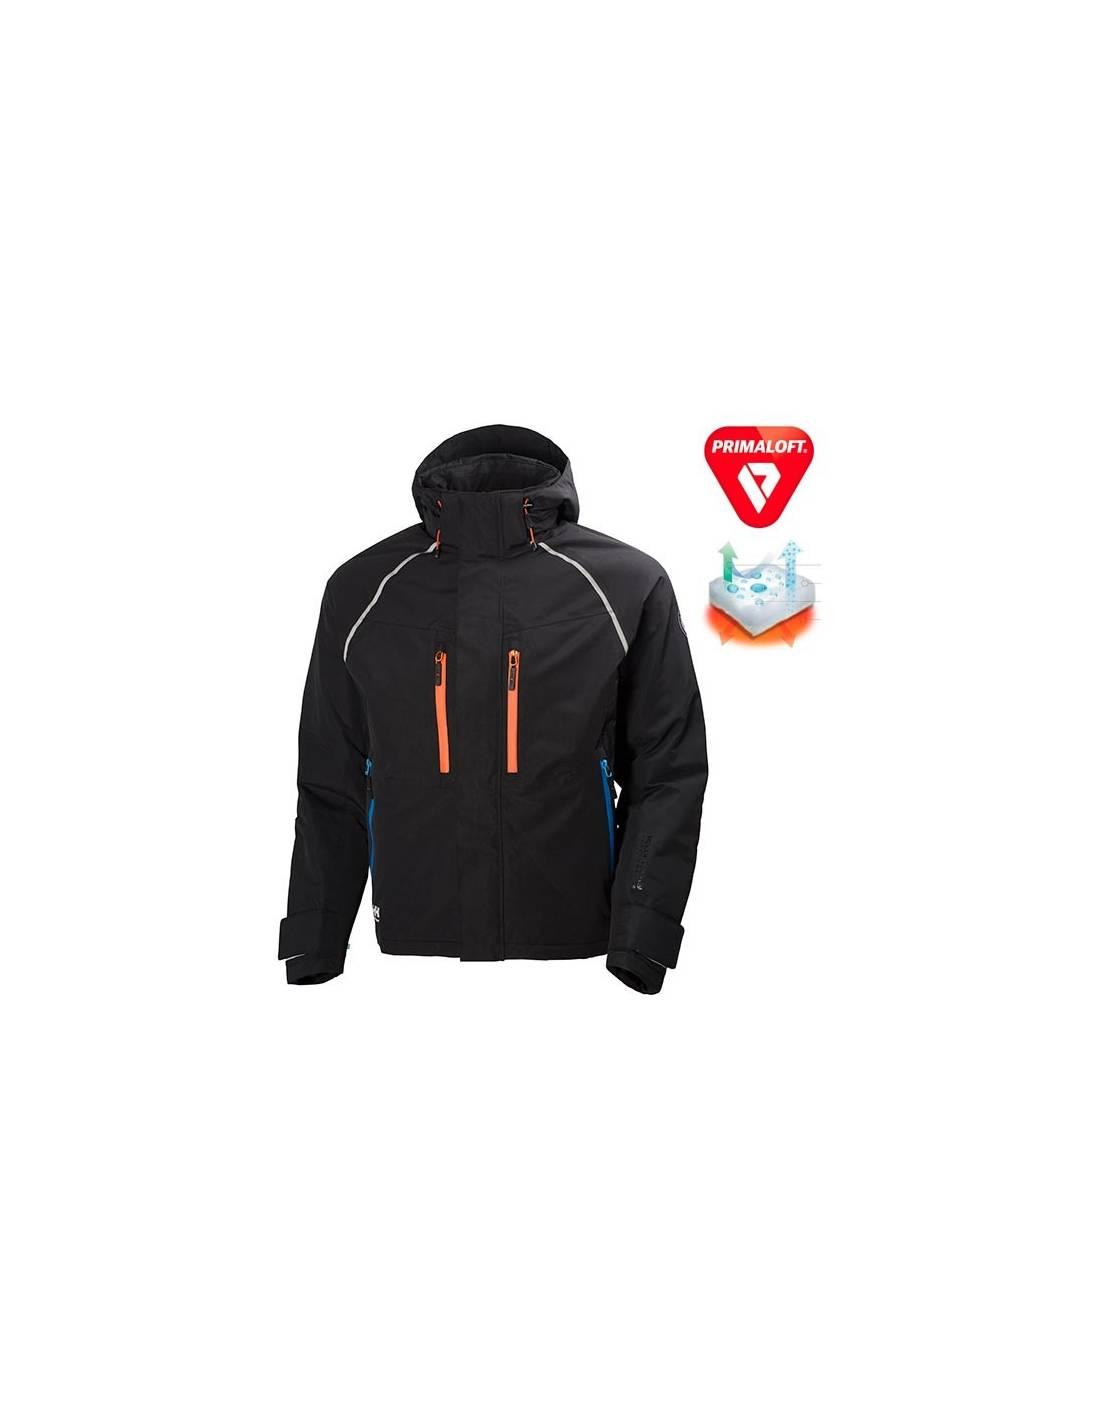 Chaqueta de invierno Artic Jacket negra y naranja de Helly Hansen ... eaf3a35e4527